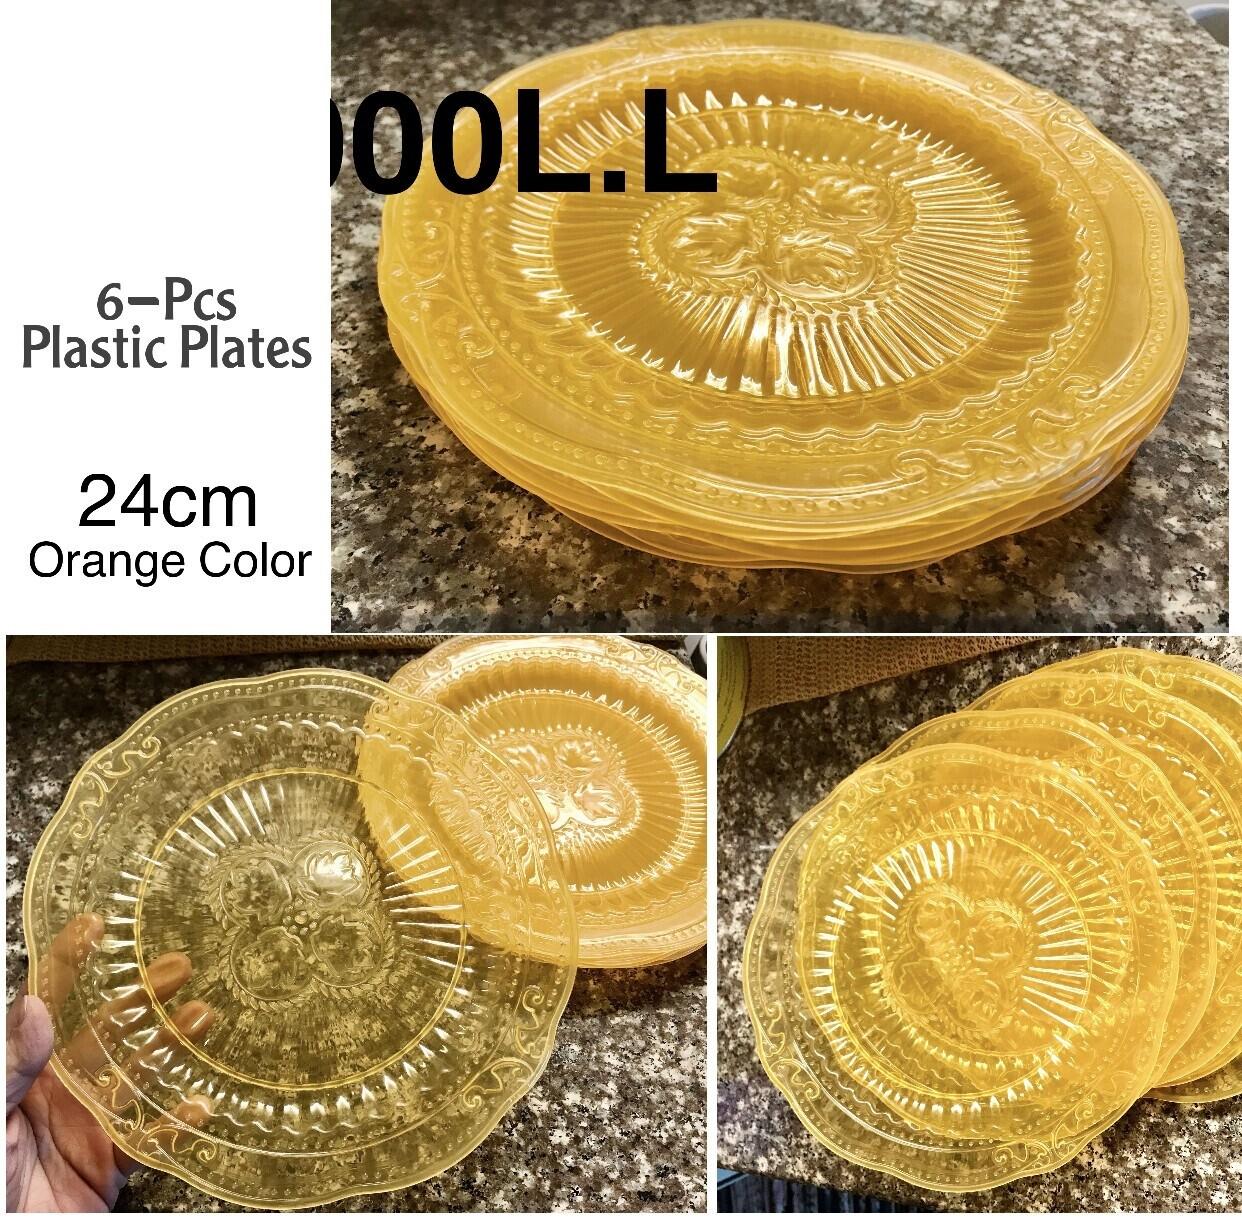 6-Pcs Plastic Plates (Orange)